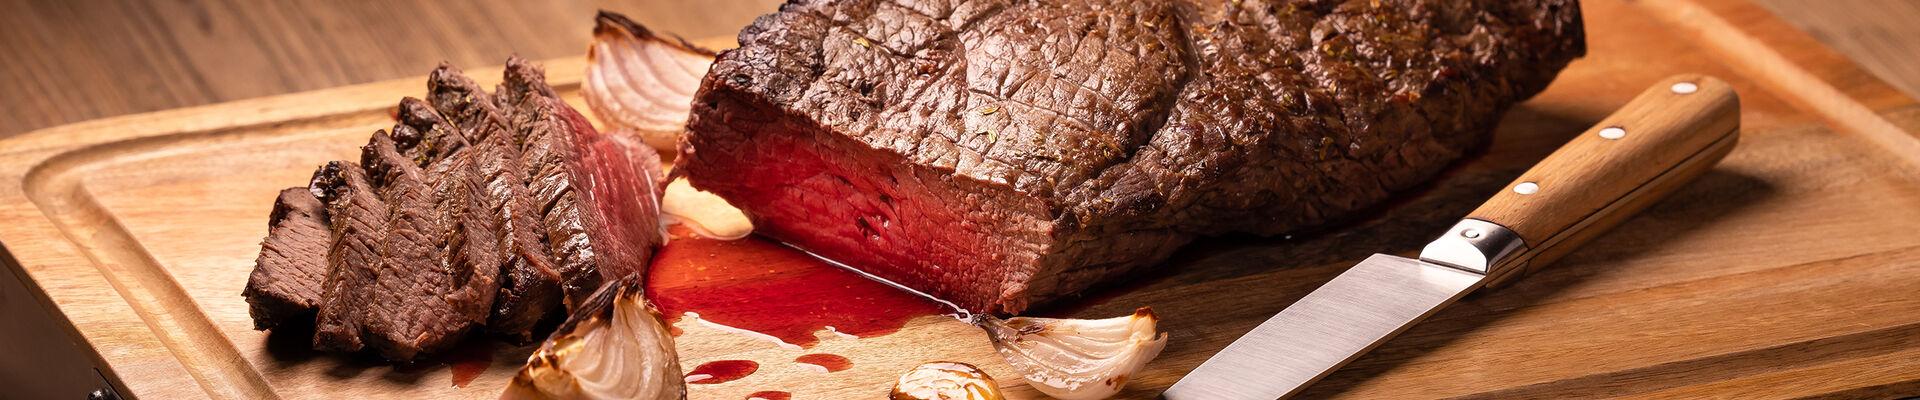 Rôti de bœuf au four